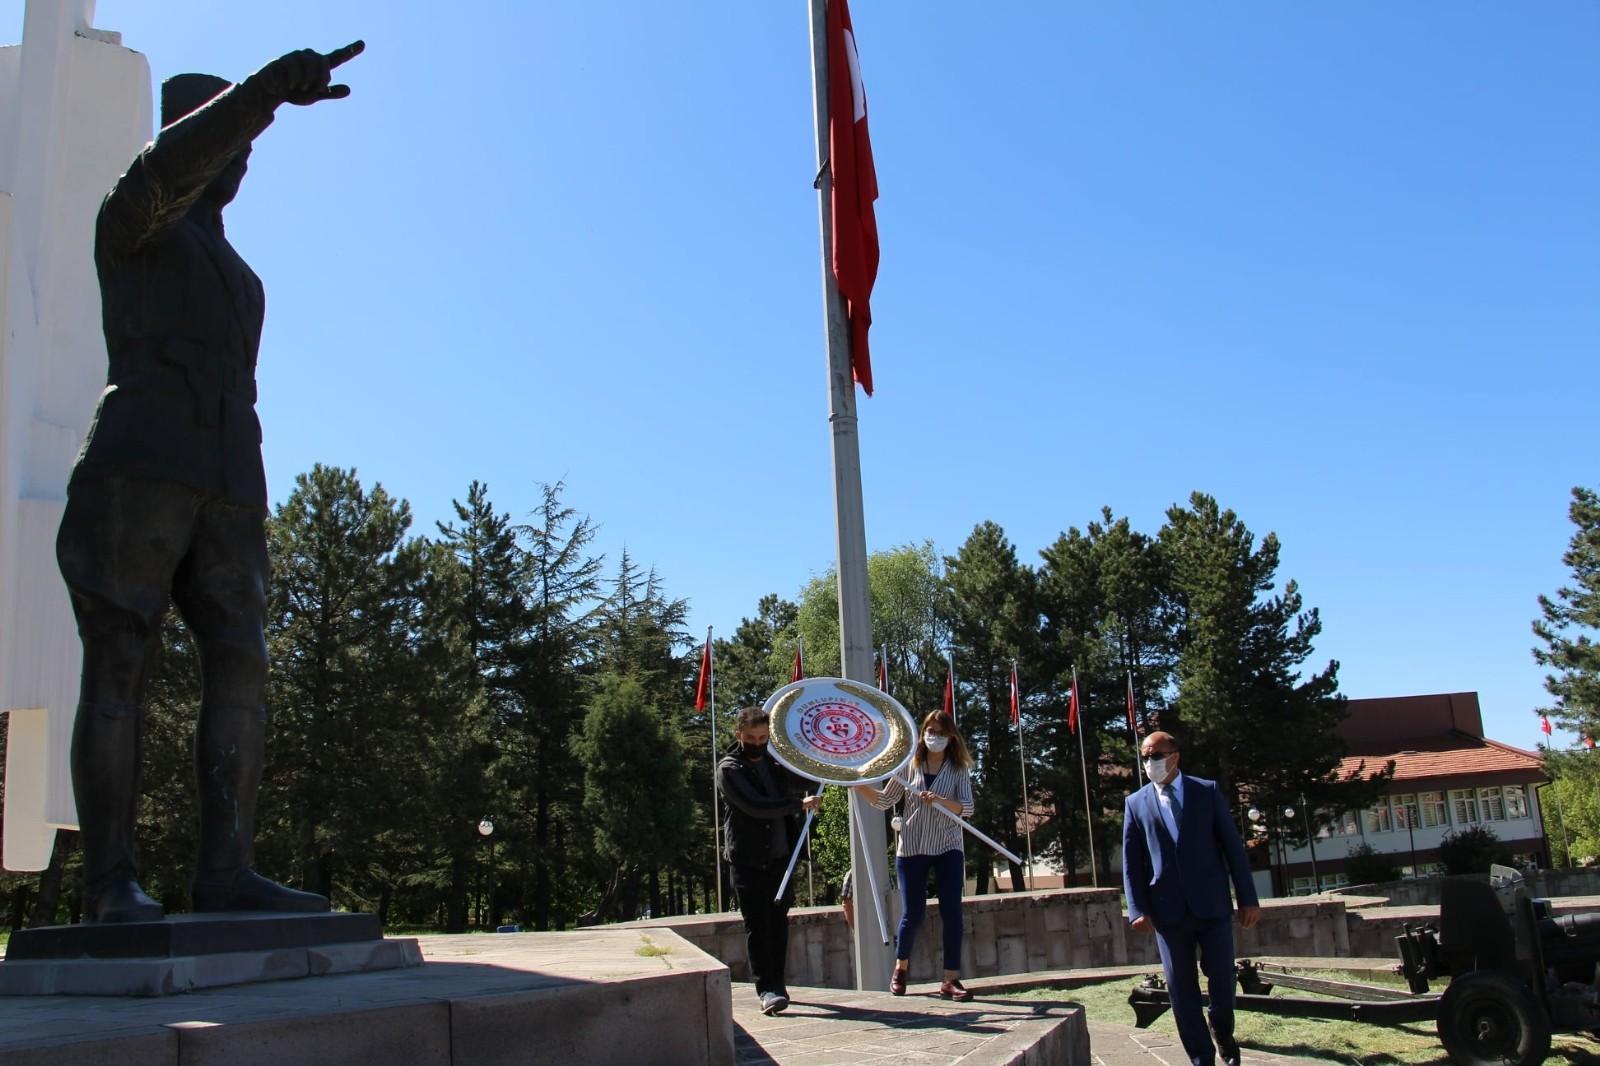 'İlk hedef' anıtı önünde 19 Mayıs kutlaması yapıldı